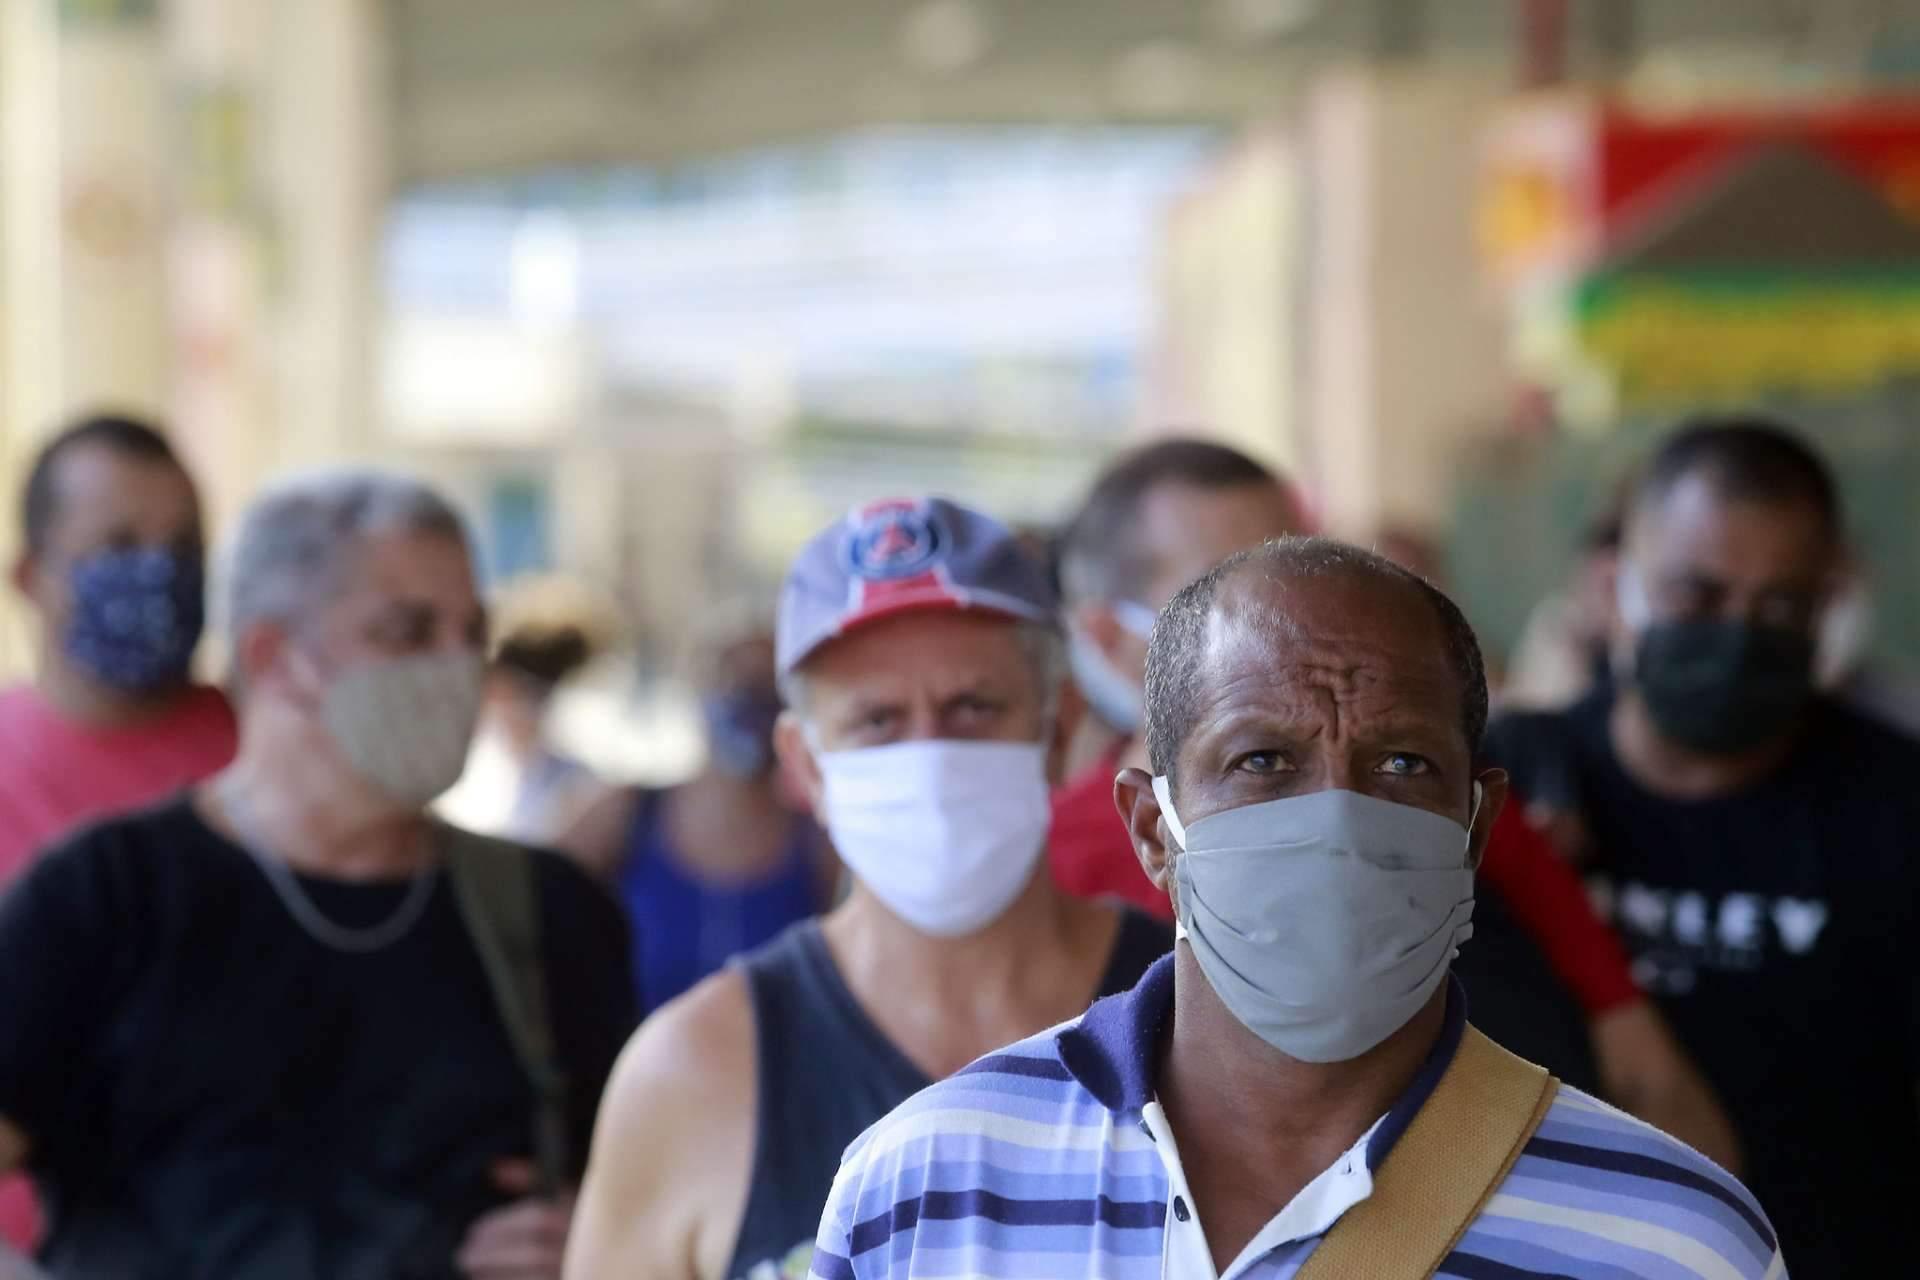 Crise do novo coronavírus pode ficar pior, alerta OMS – Folha Vitória